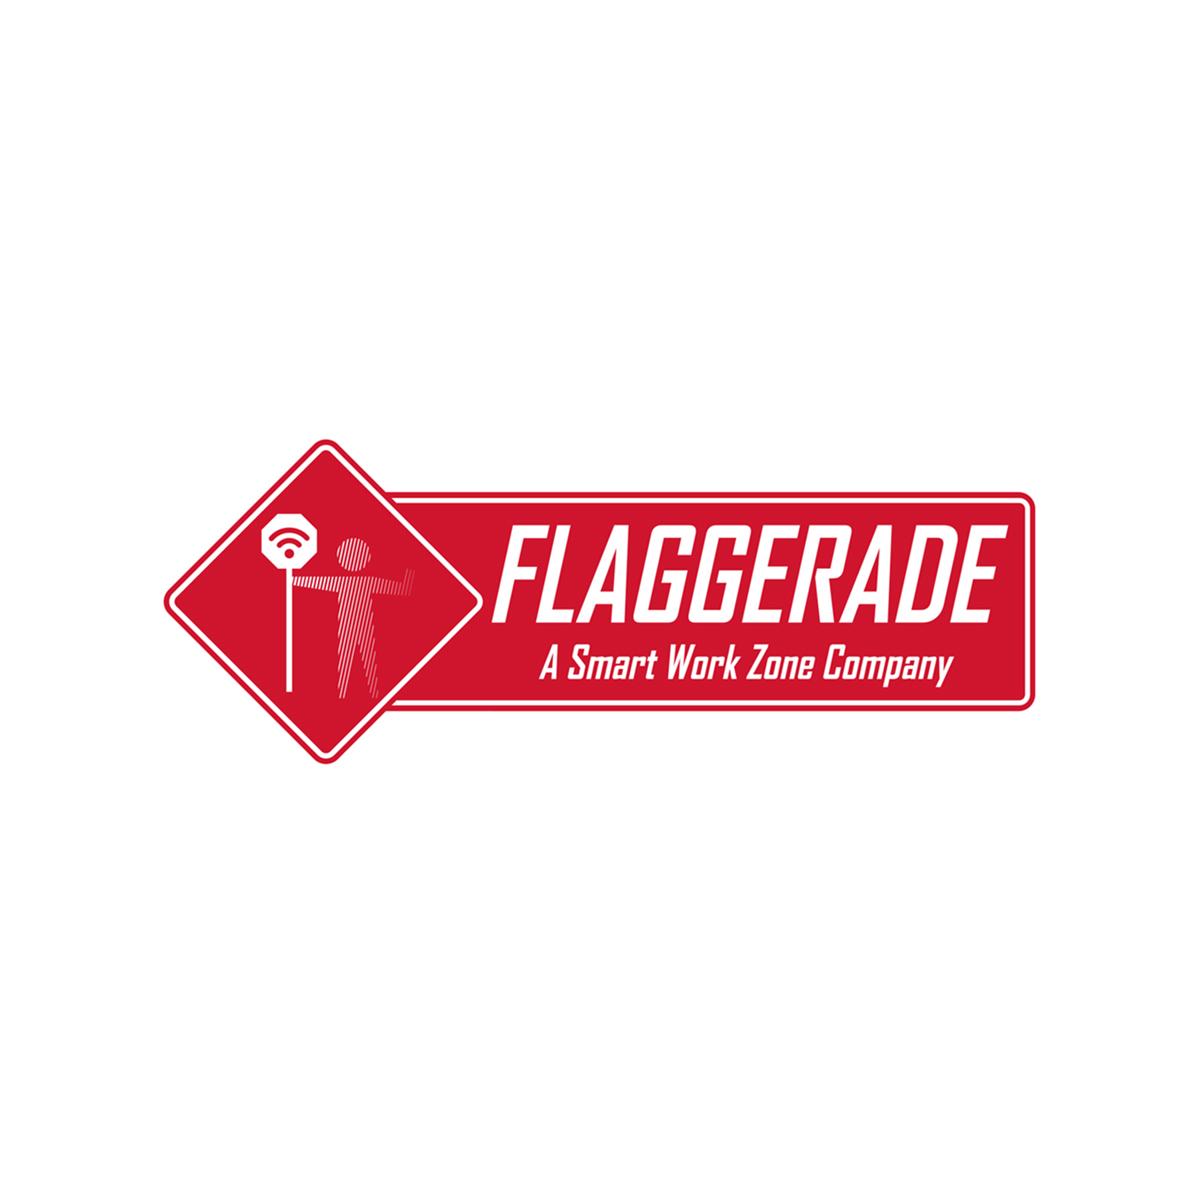 Trafficade-Flaggerade logo.jpg